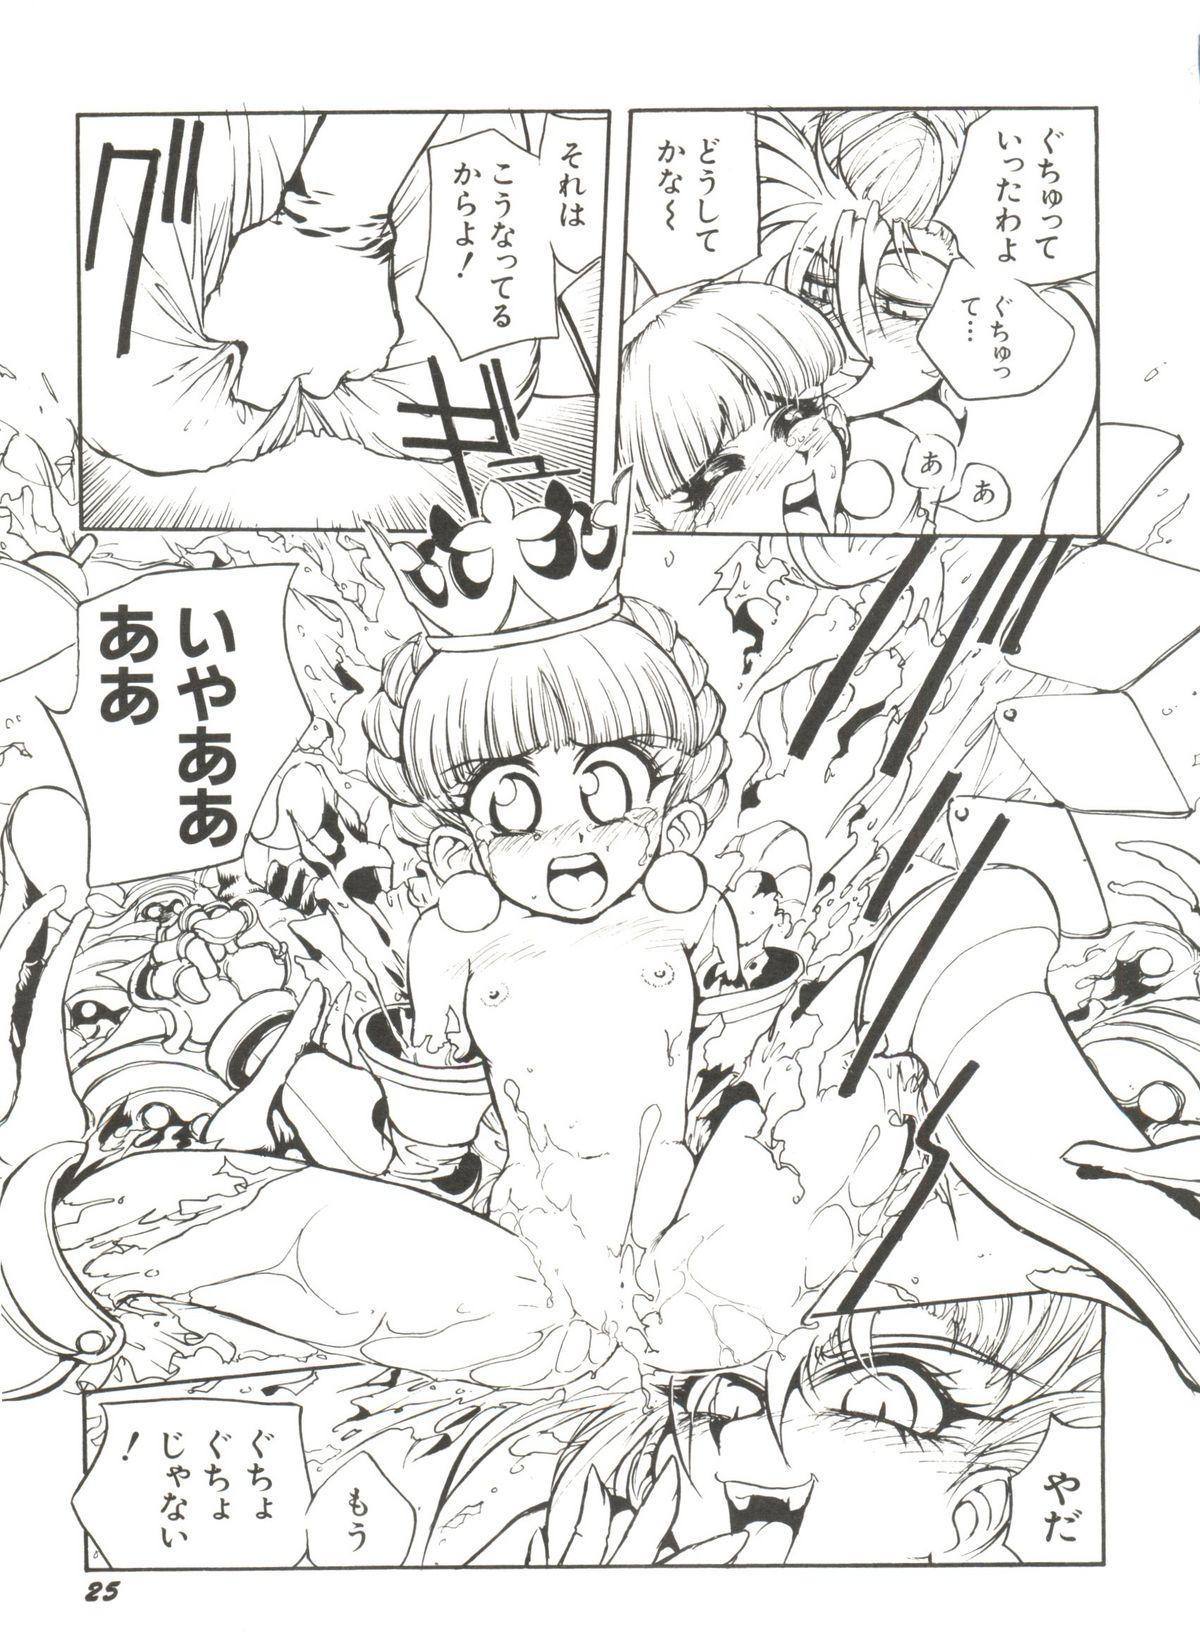 Denei Tamate Bako Bishoujo Doujinshi Anthology Vol. 2 - Nishinhou no Tenshi 28